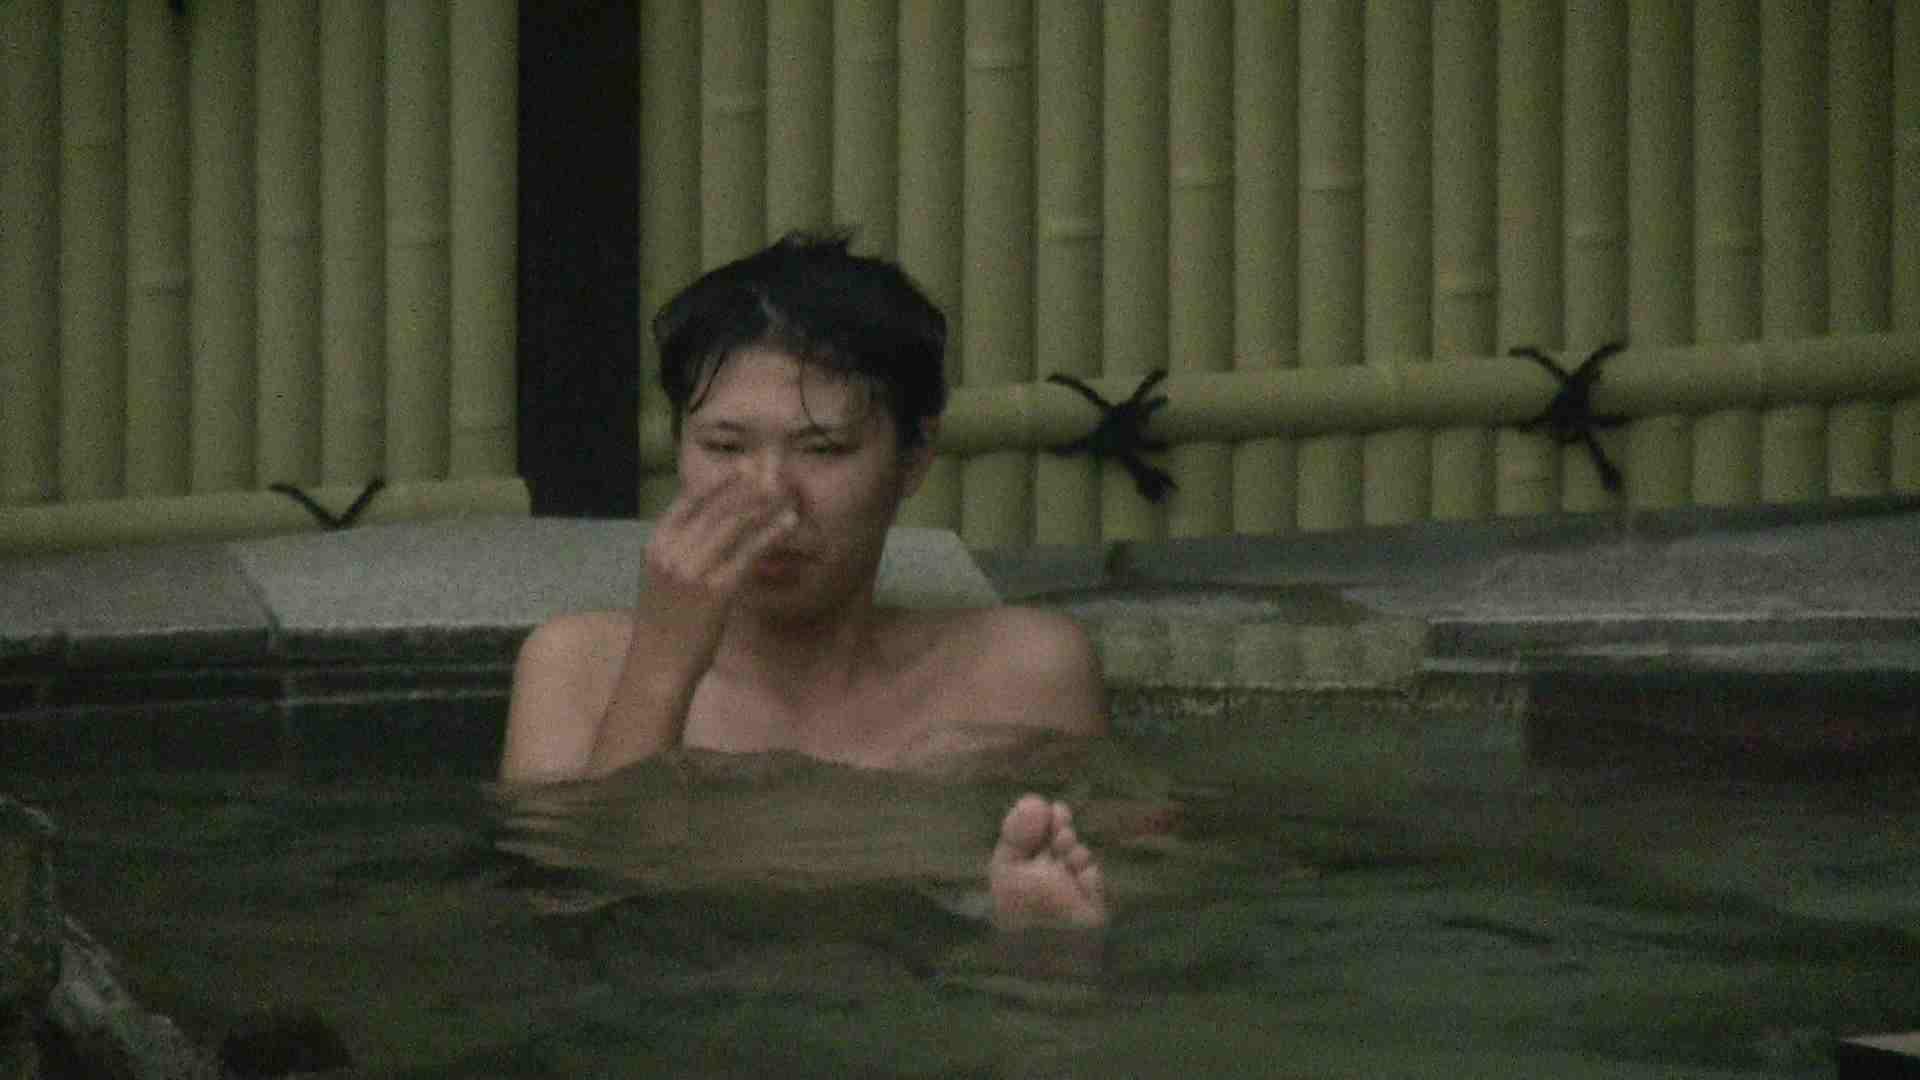 Aquaな露天風呂Vol.215 OLエロ画像  70PICs 30